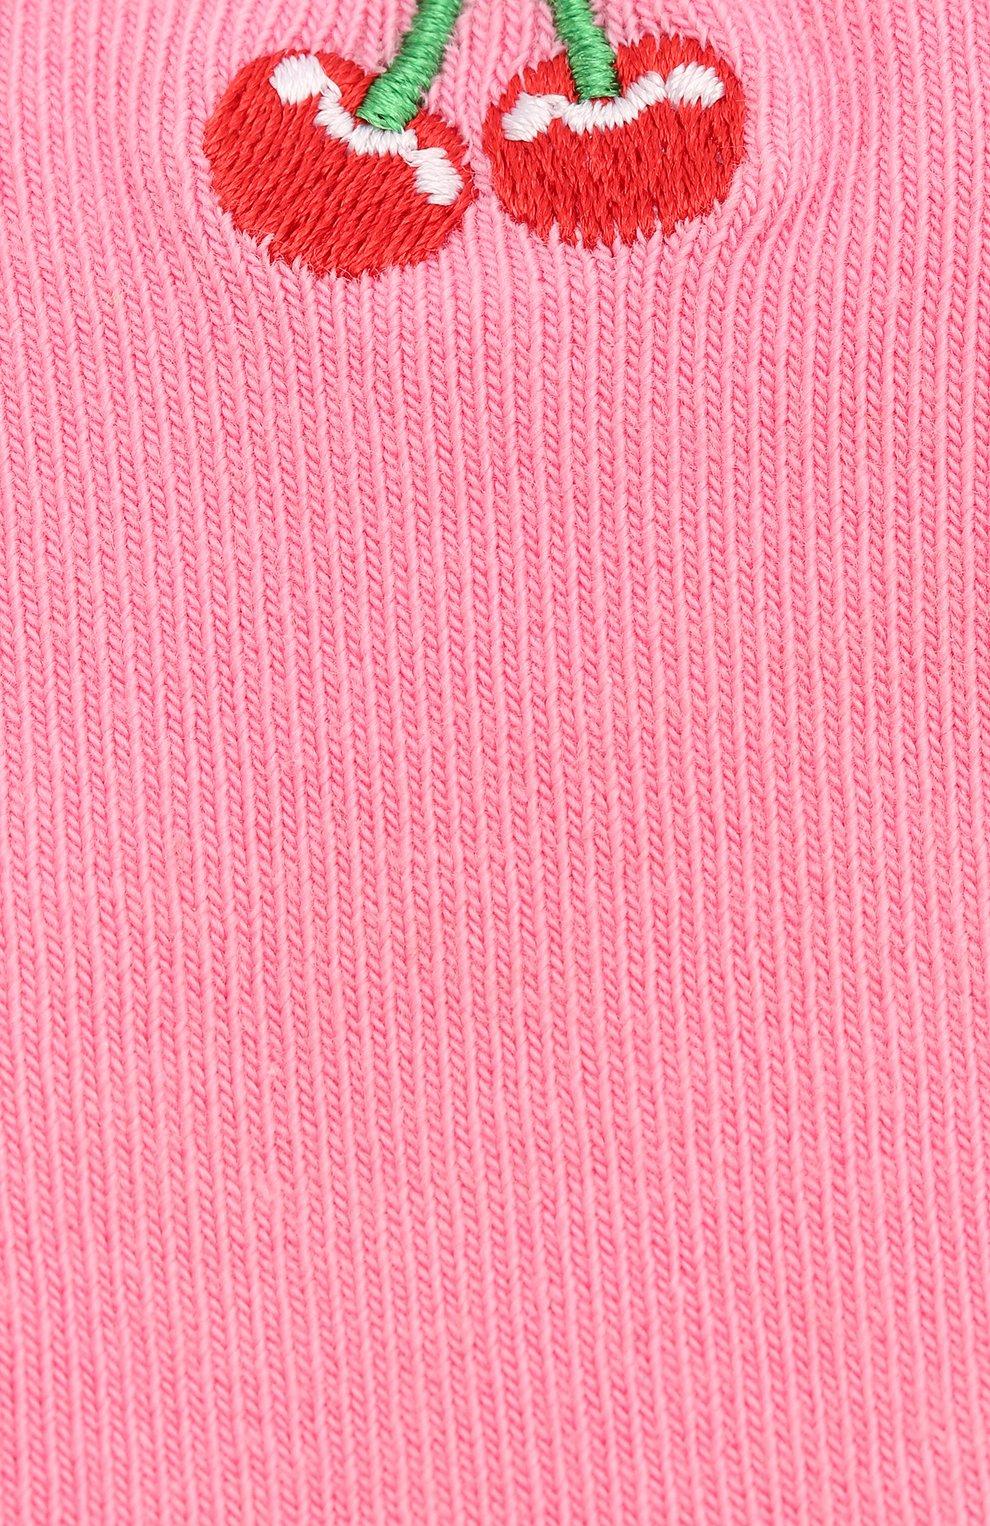 Детские носки HAPPY SOCKS разноцветного цвета, арт. KBECH01 | Фото 2